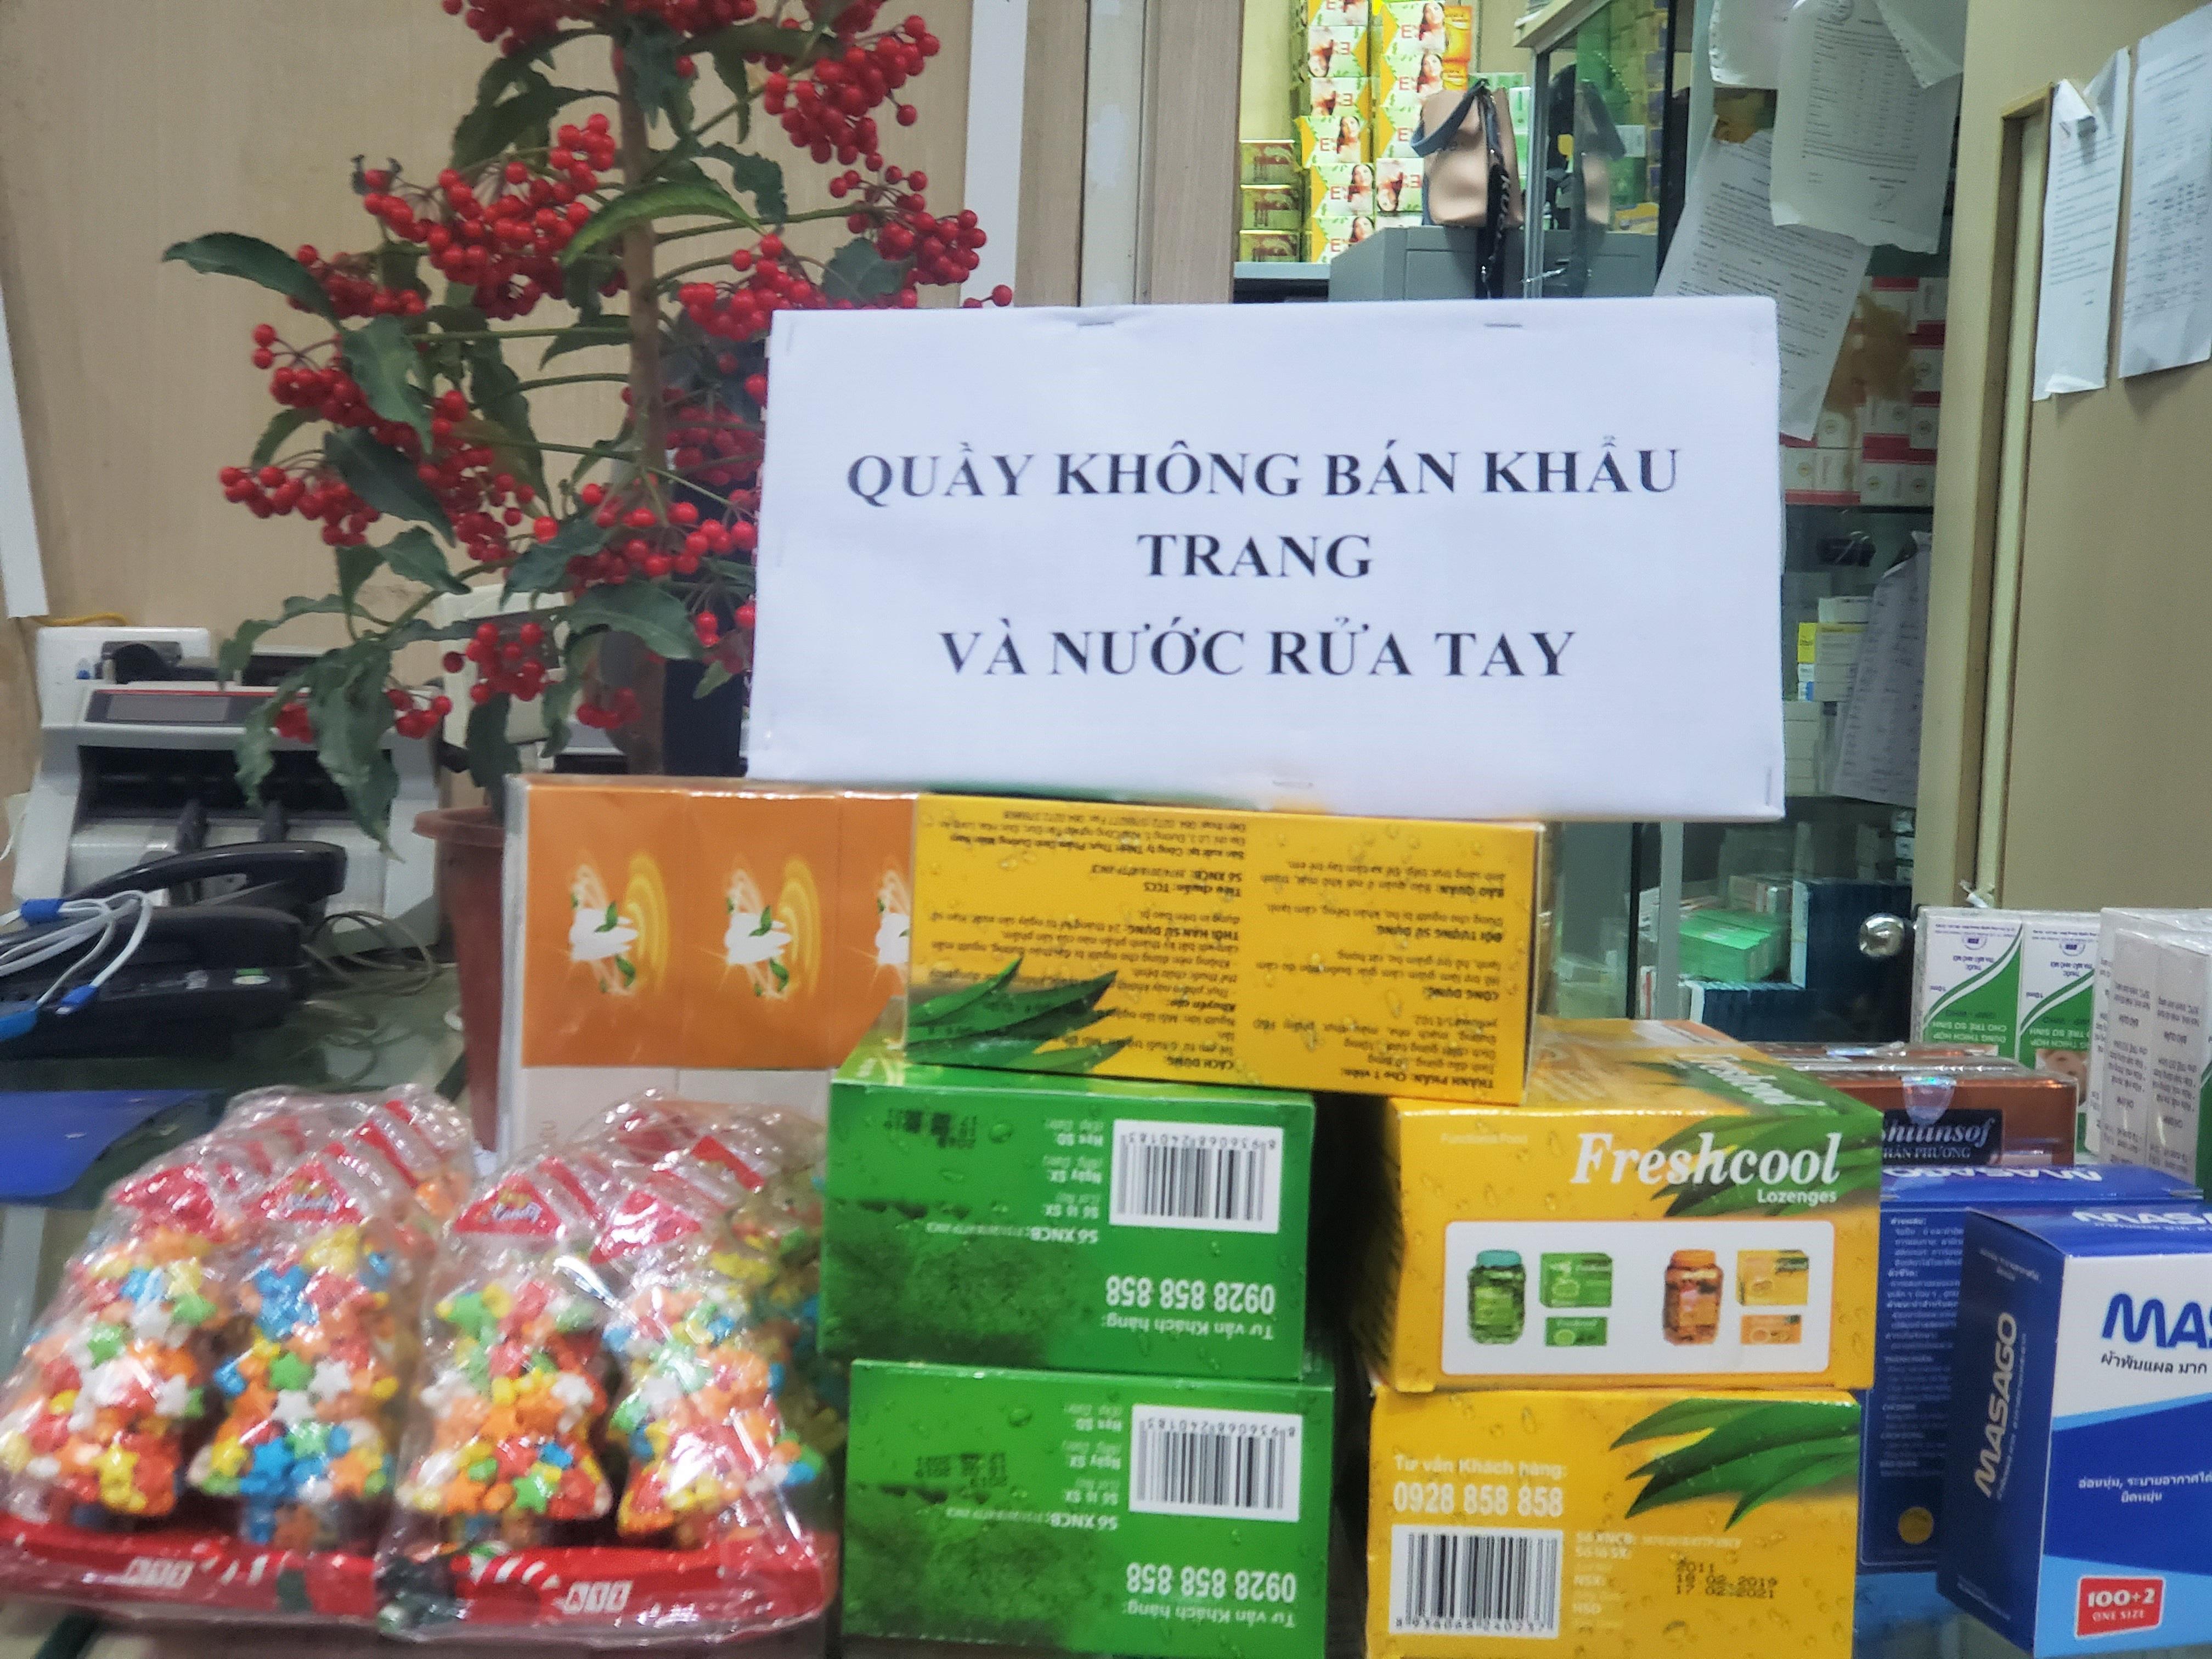 Sau 1 đêm, chợ thuốc lớn nhất Hà Nội đồng loạt đặt biển không bán khẩu trang, miễn hỏi - Ảnh 5.